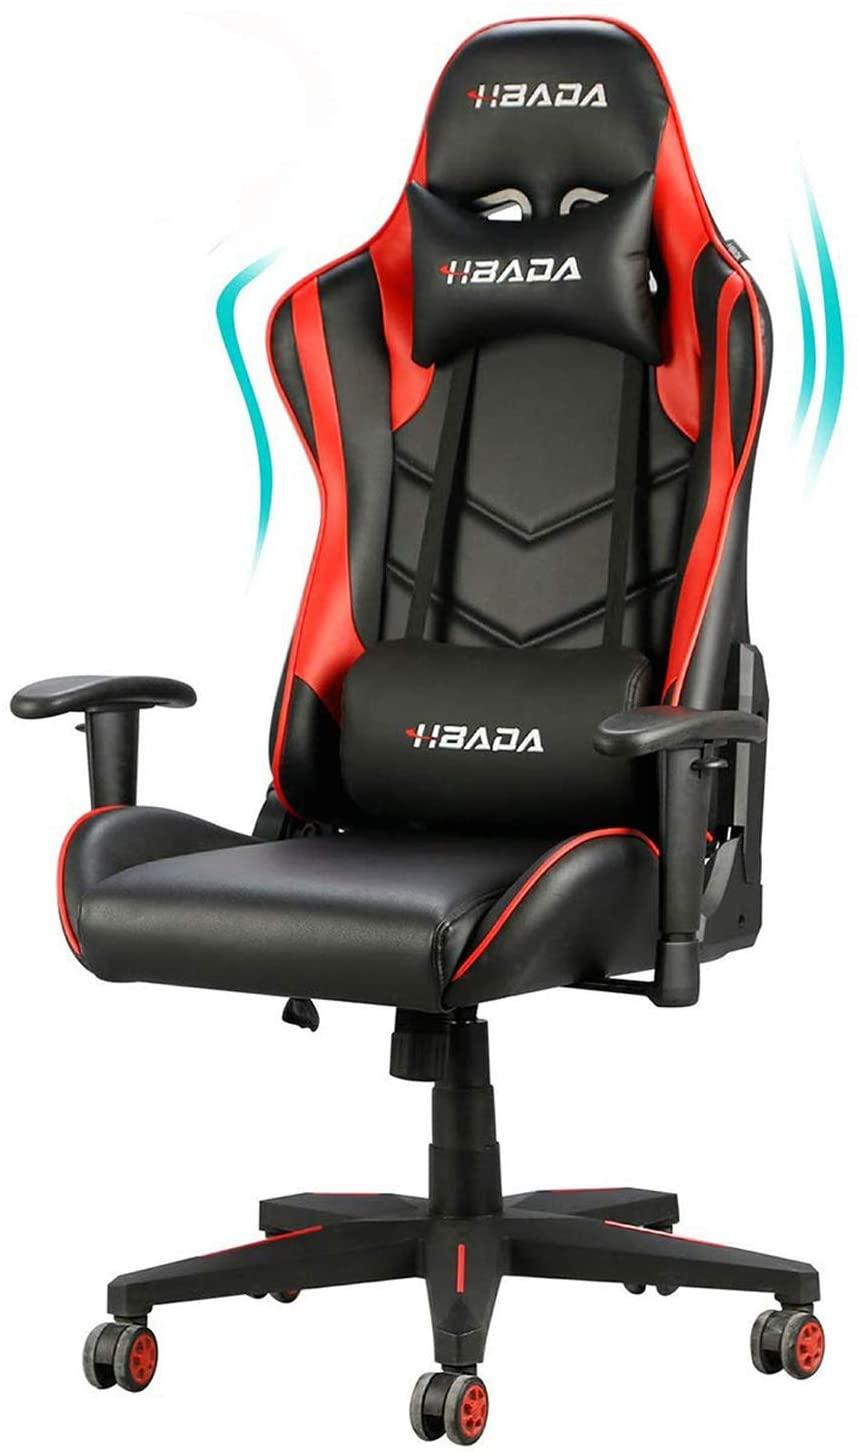 Hbada Ergonomic Gaming Chair